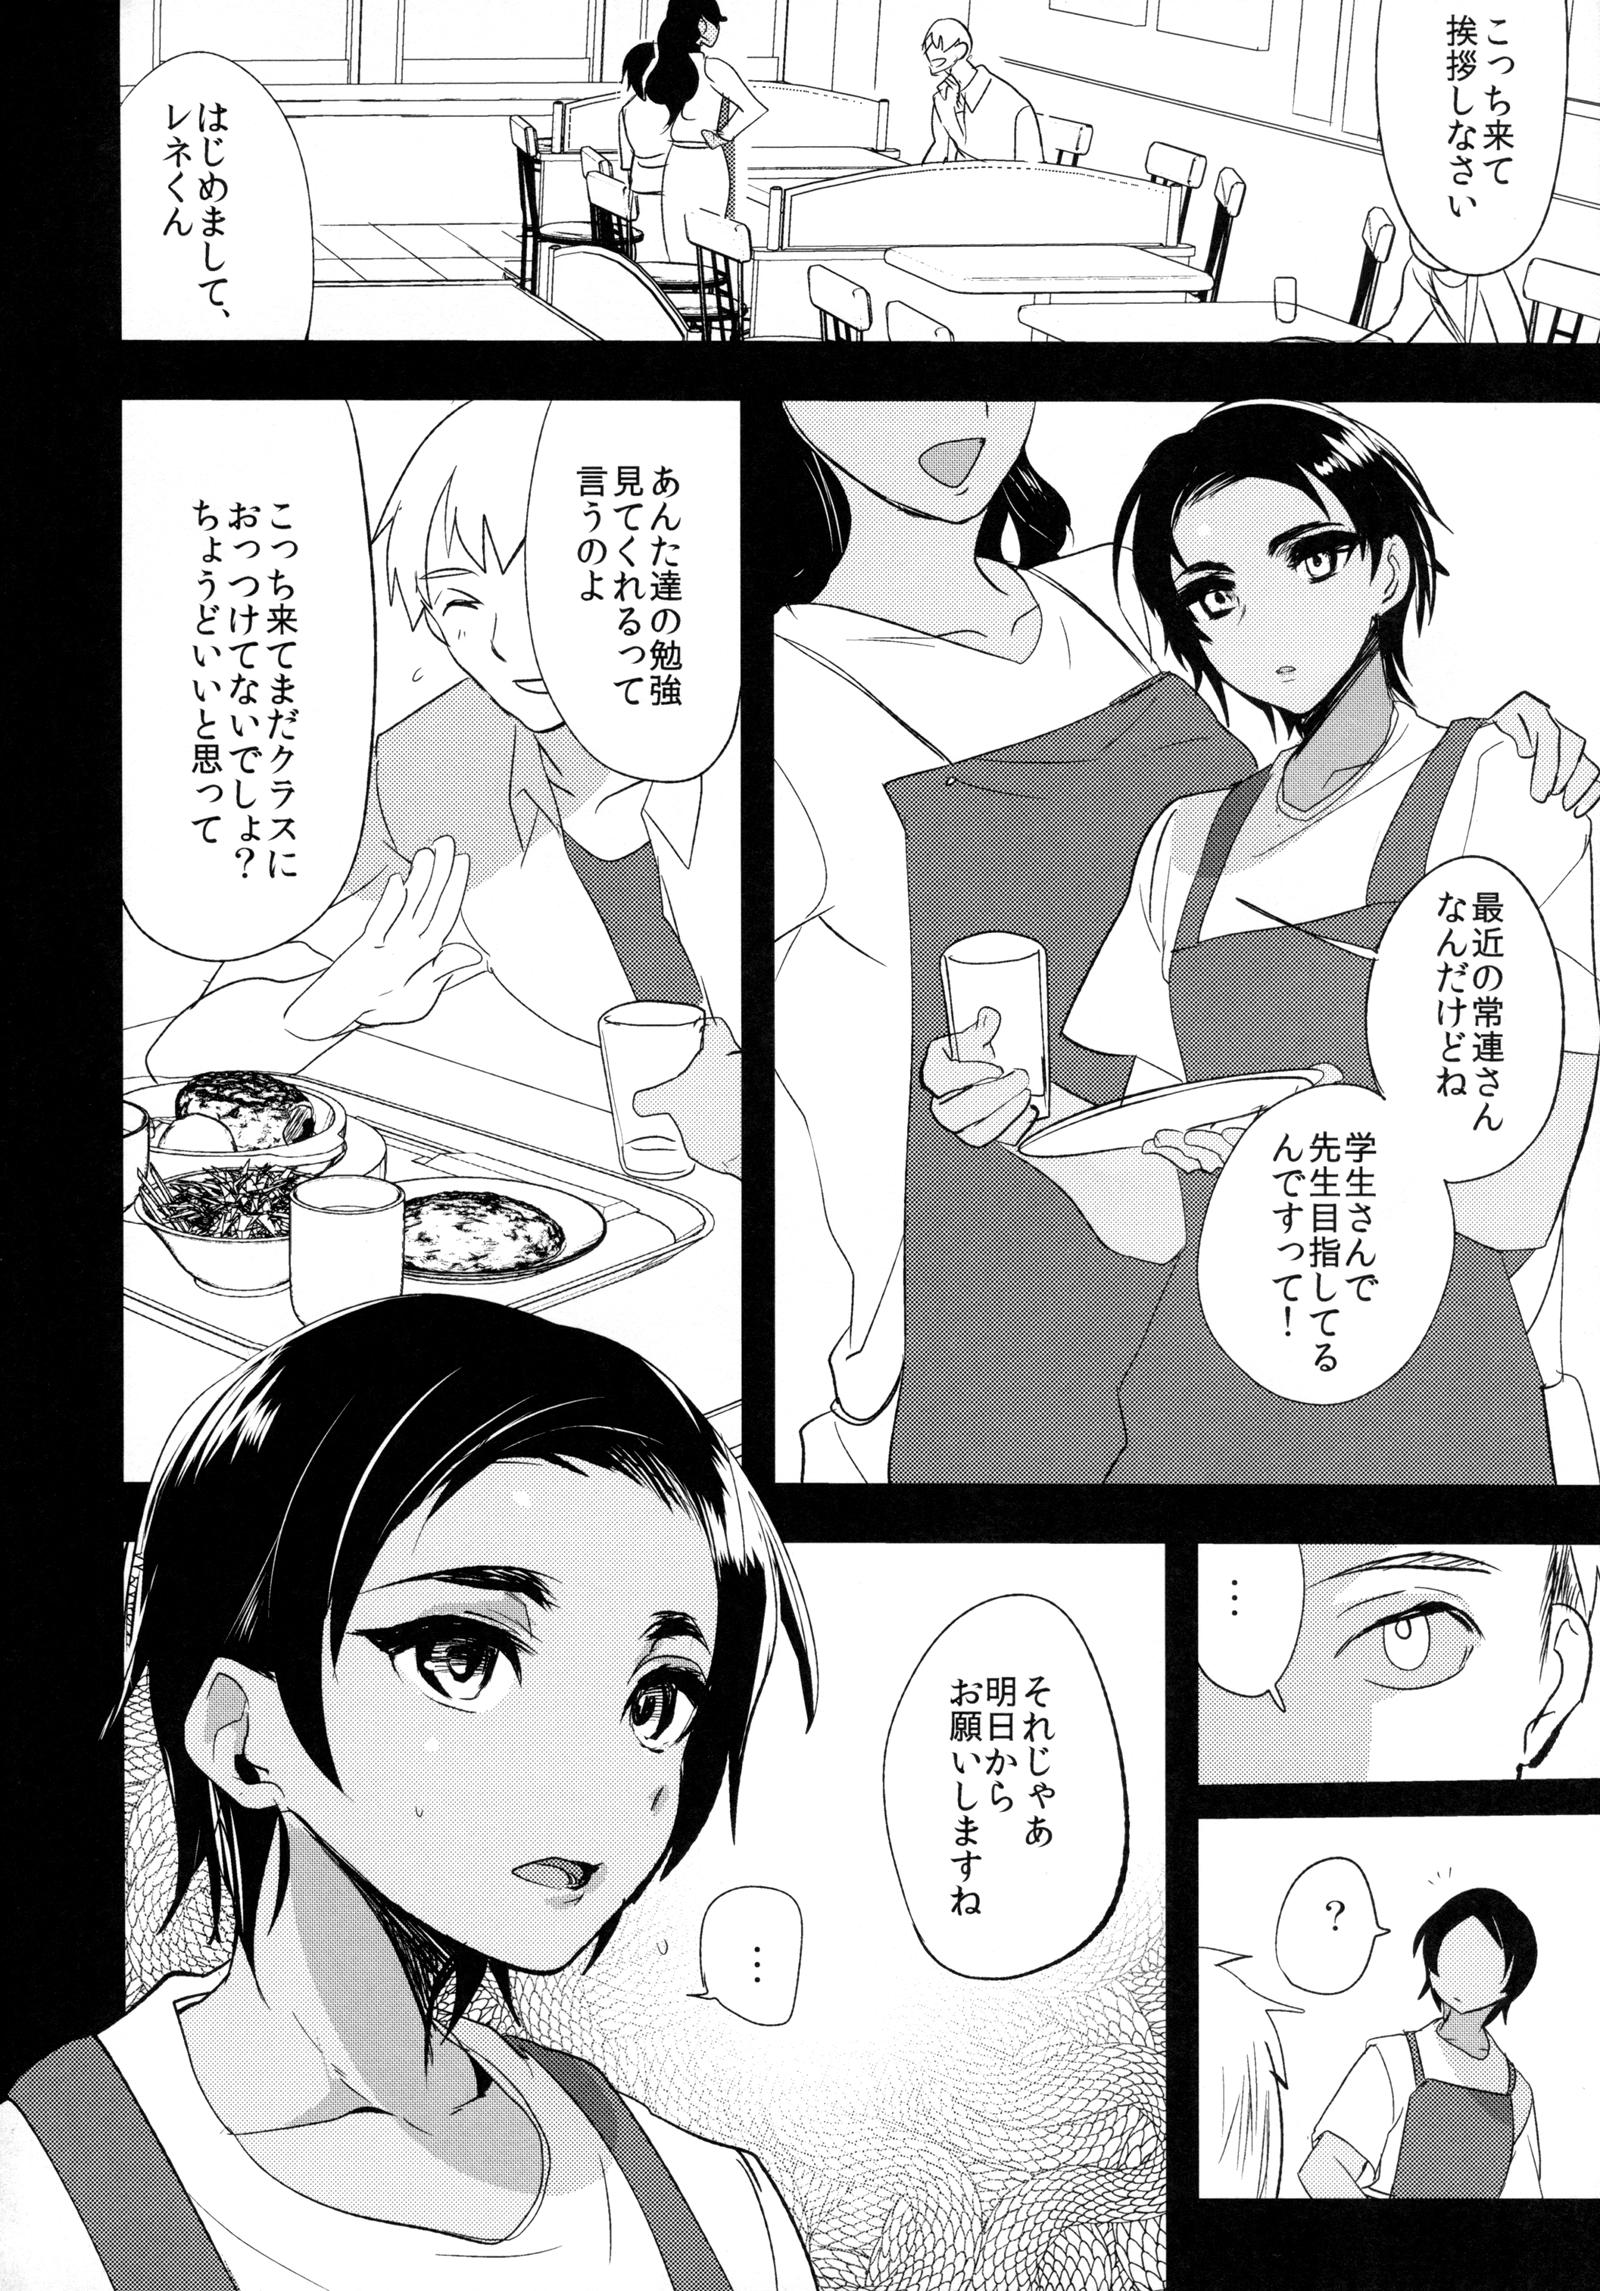 Kore wa Futsuu no Koto dakara 6